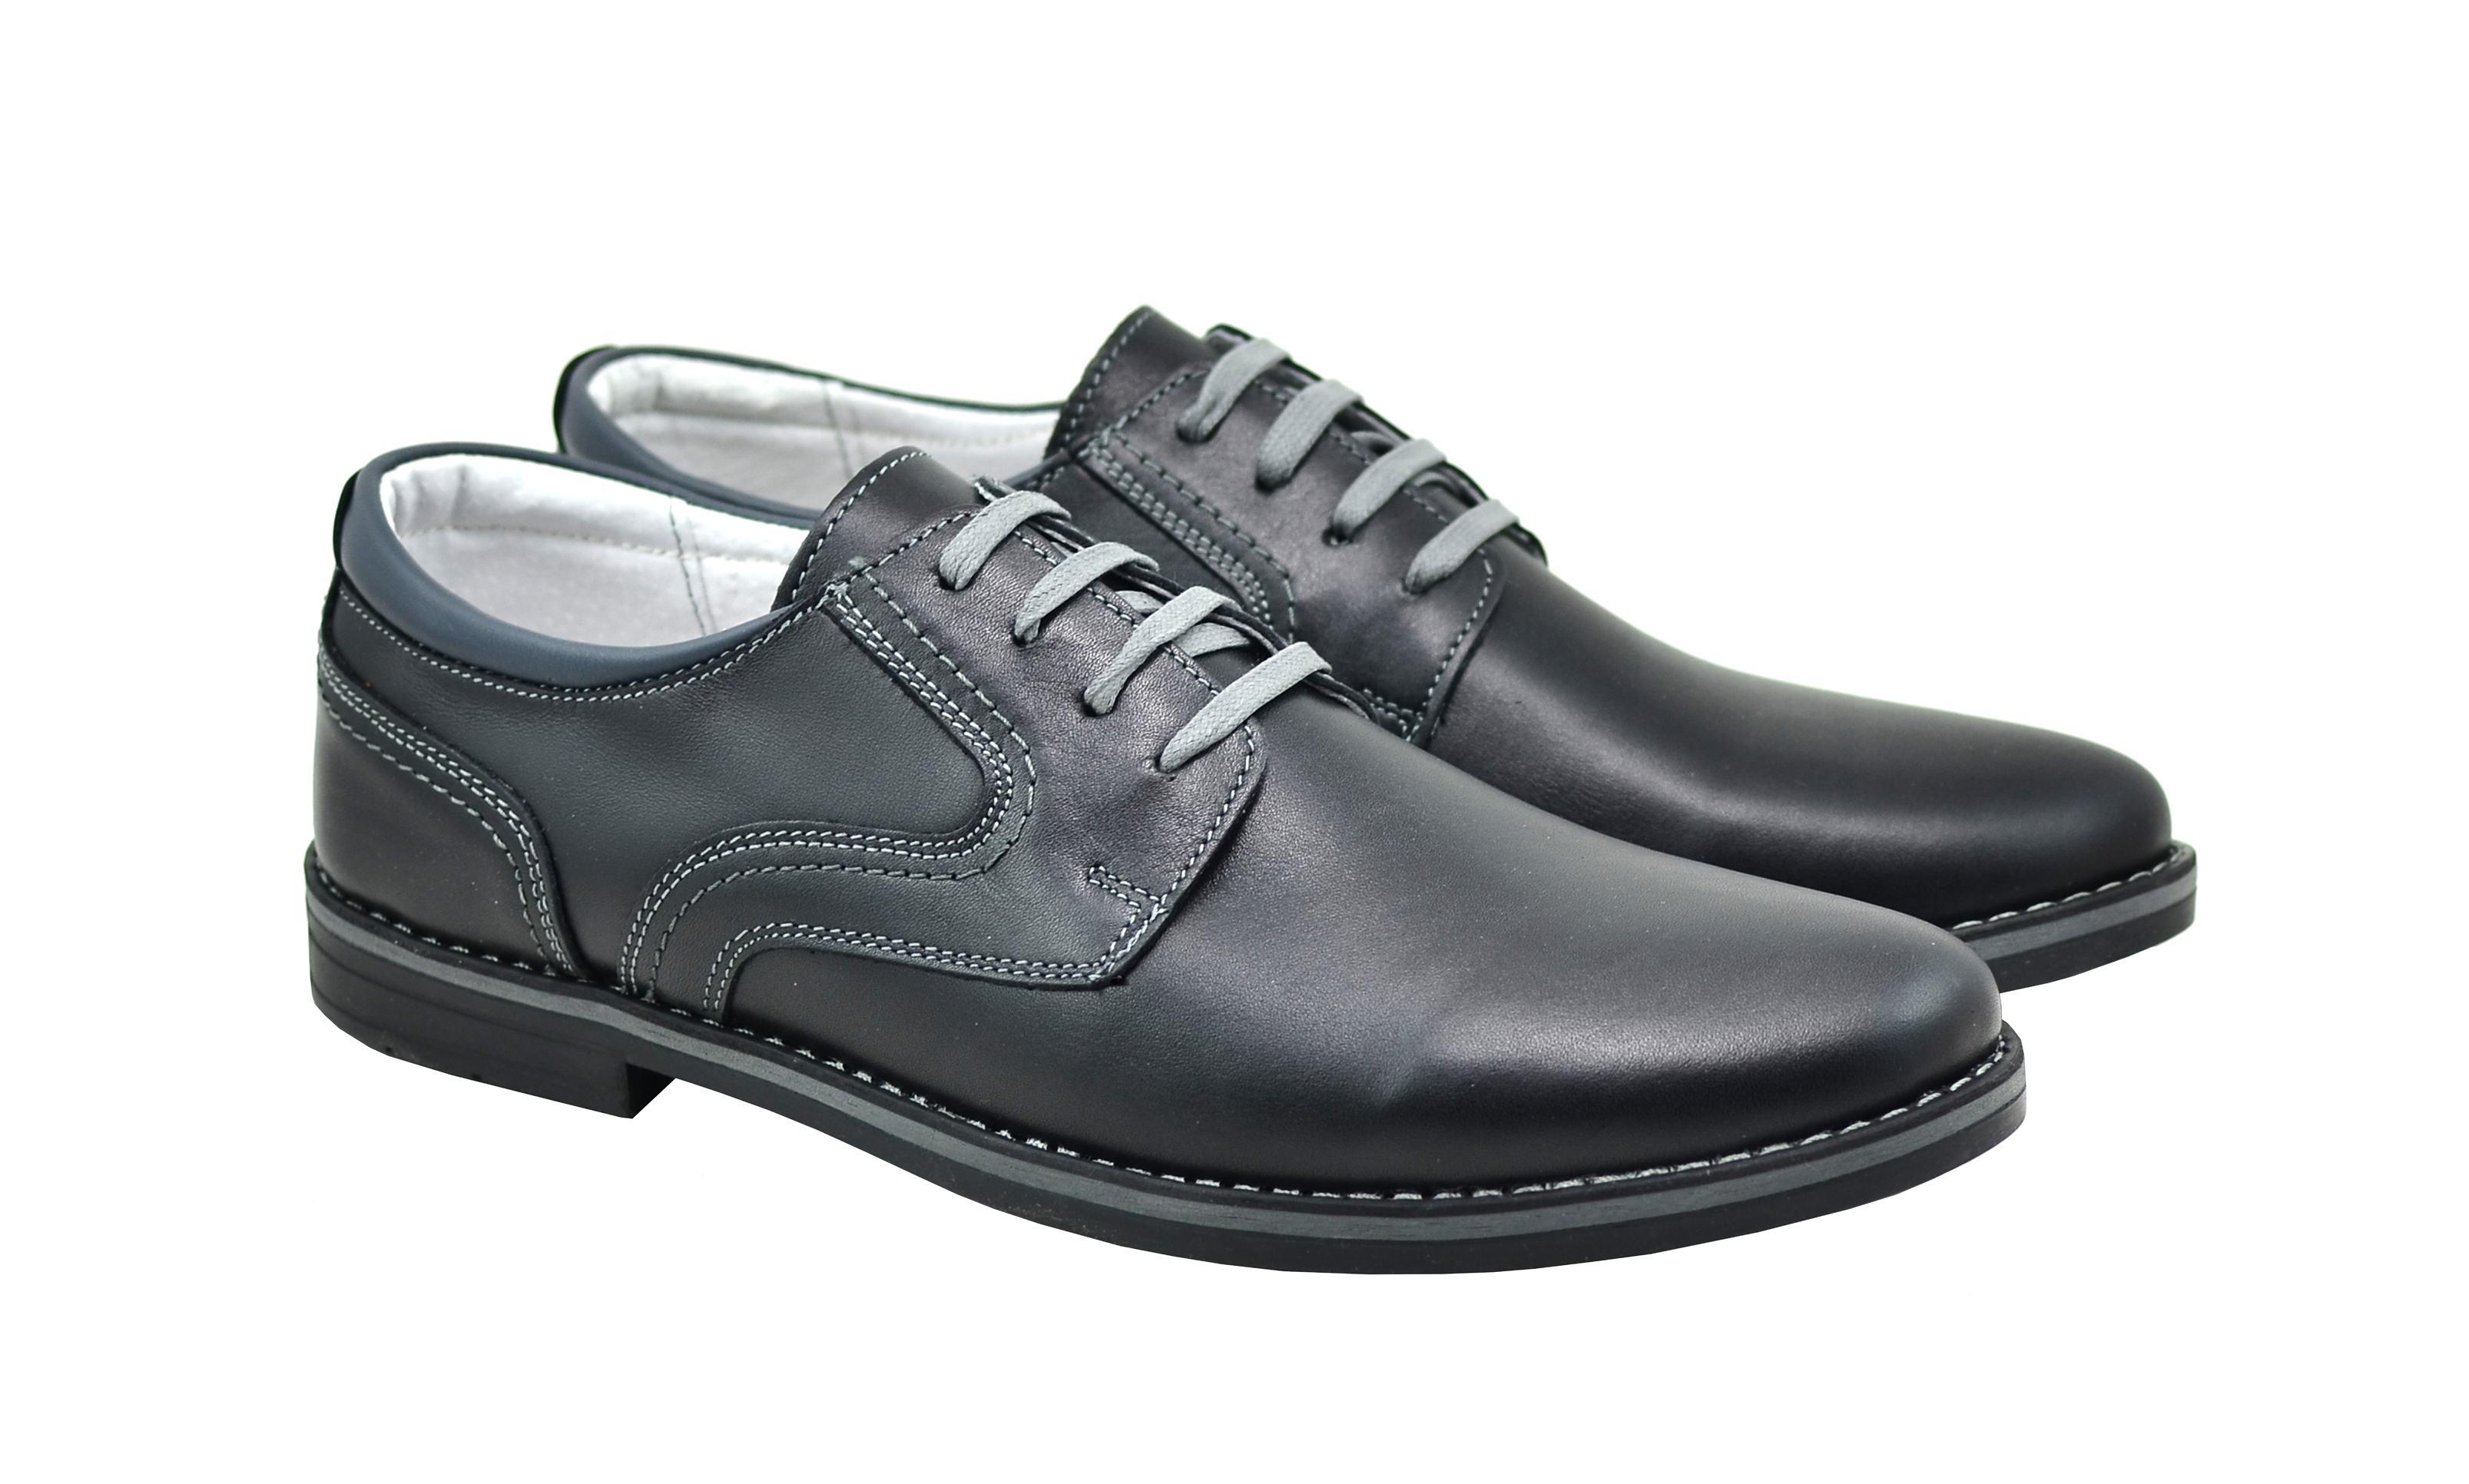 Pantofi barbati casual din piele naturala - DANY